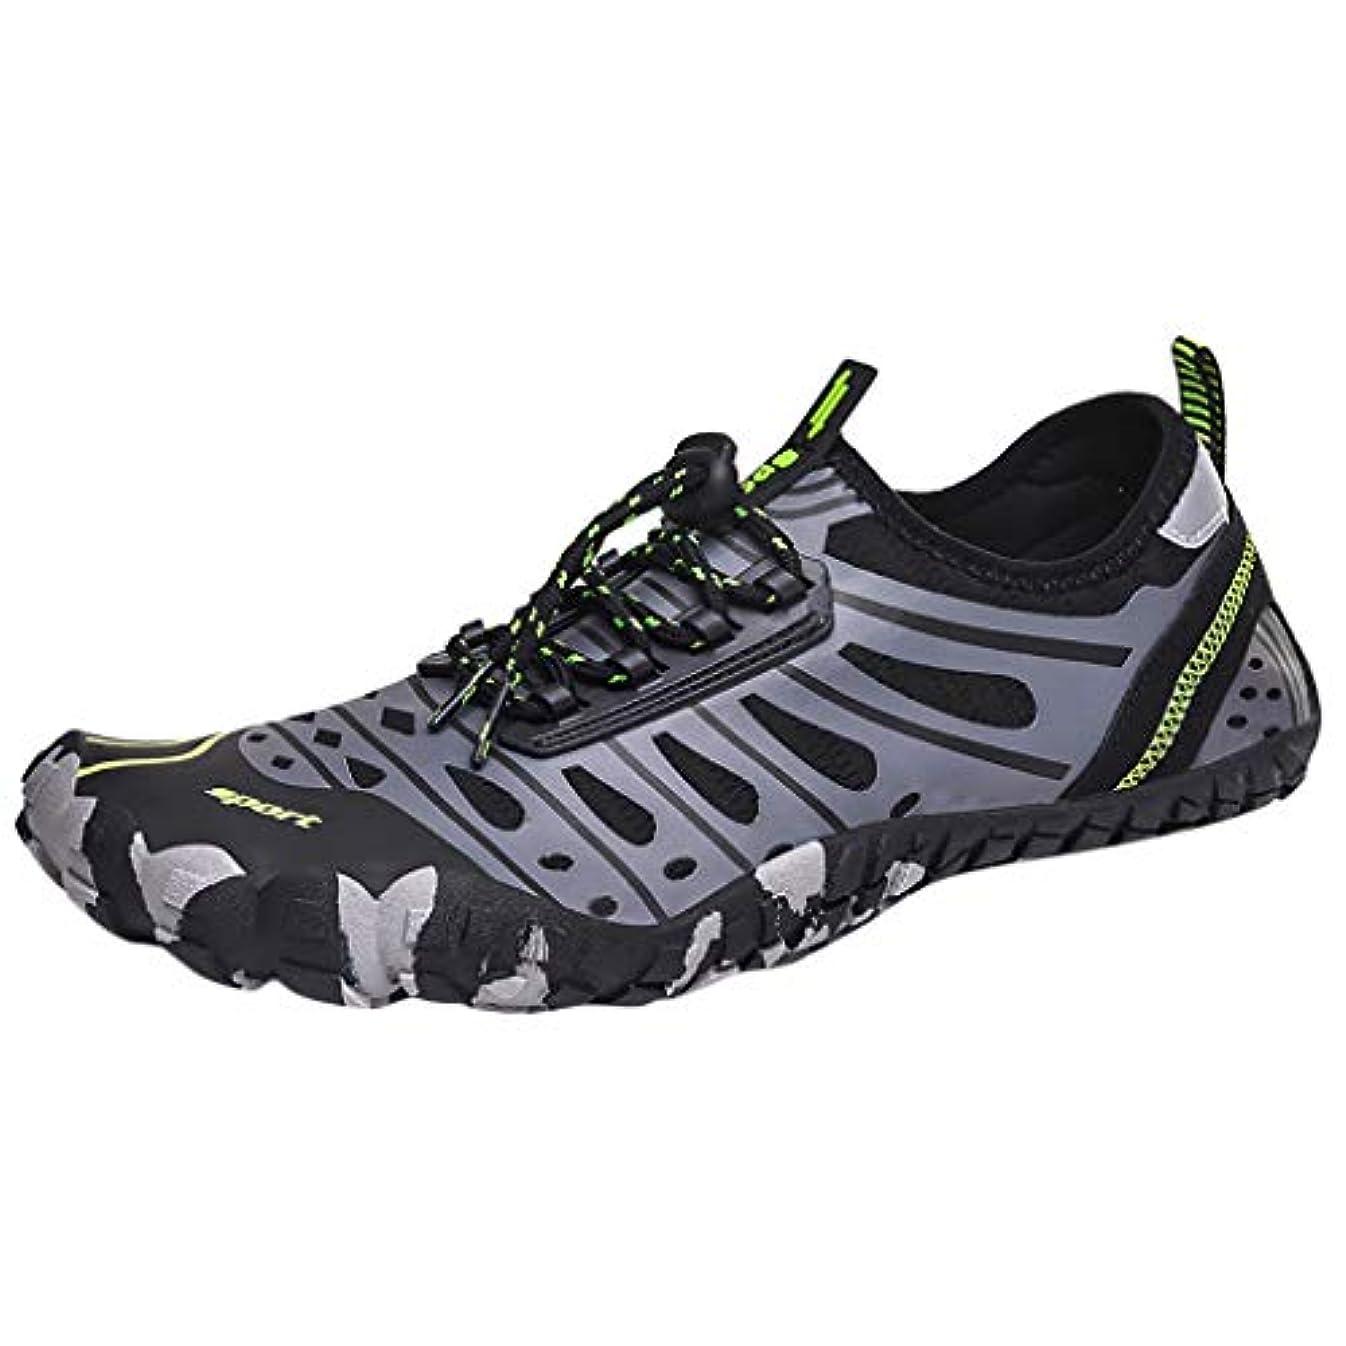 不快なウイルスやりがいのある[XIAYE] スニーカー マリンシューズ ウォーターシューズ 登山靴 スイミングビーチシューズ 水陸両用 速乾 軽量 通気性 滑り止め サンダル